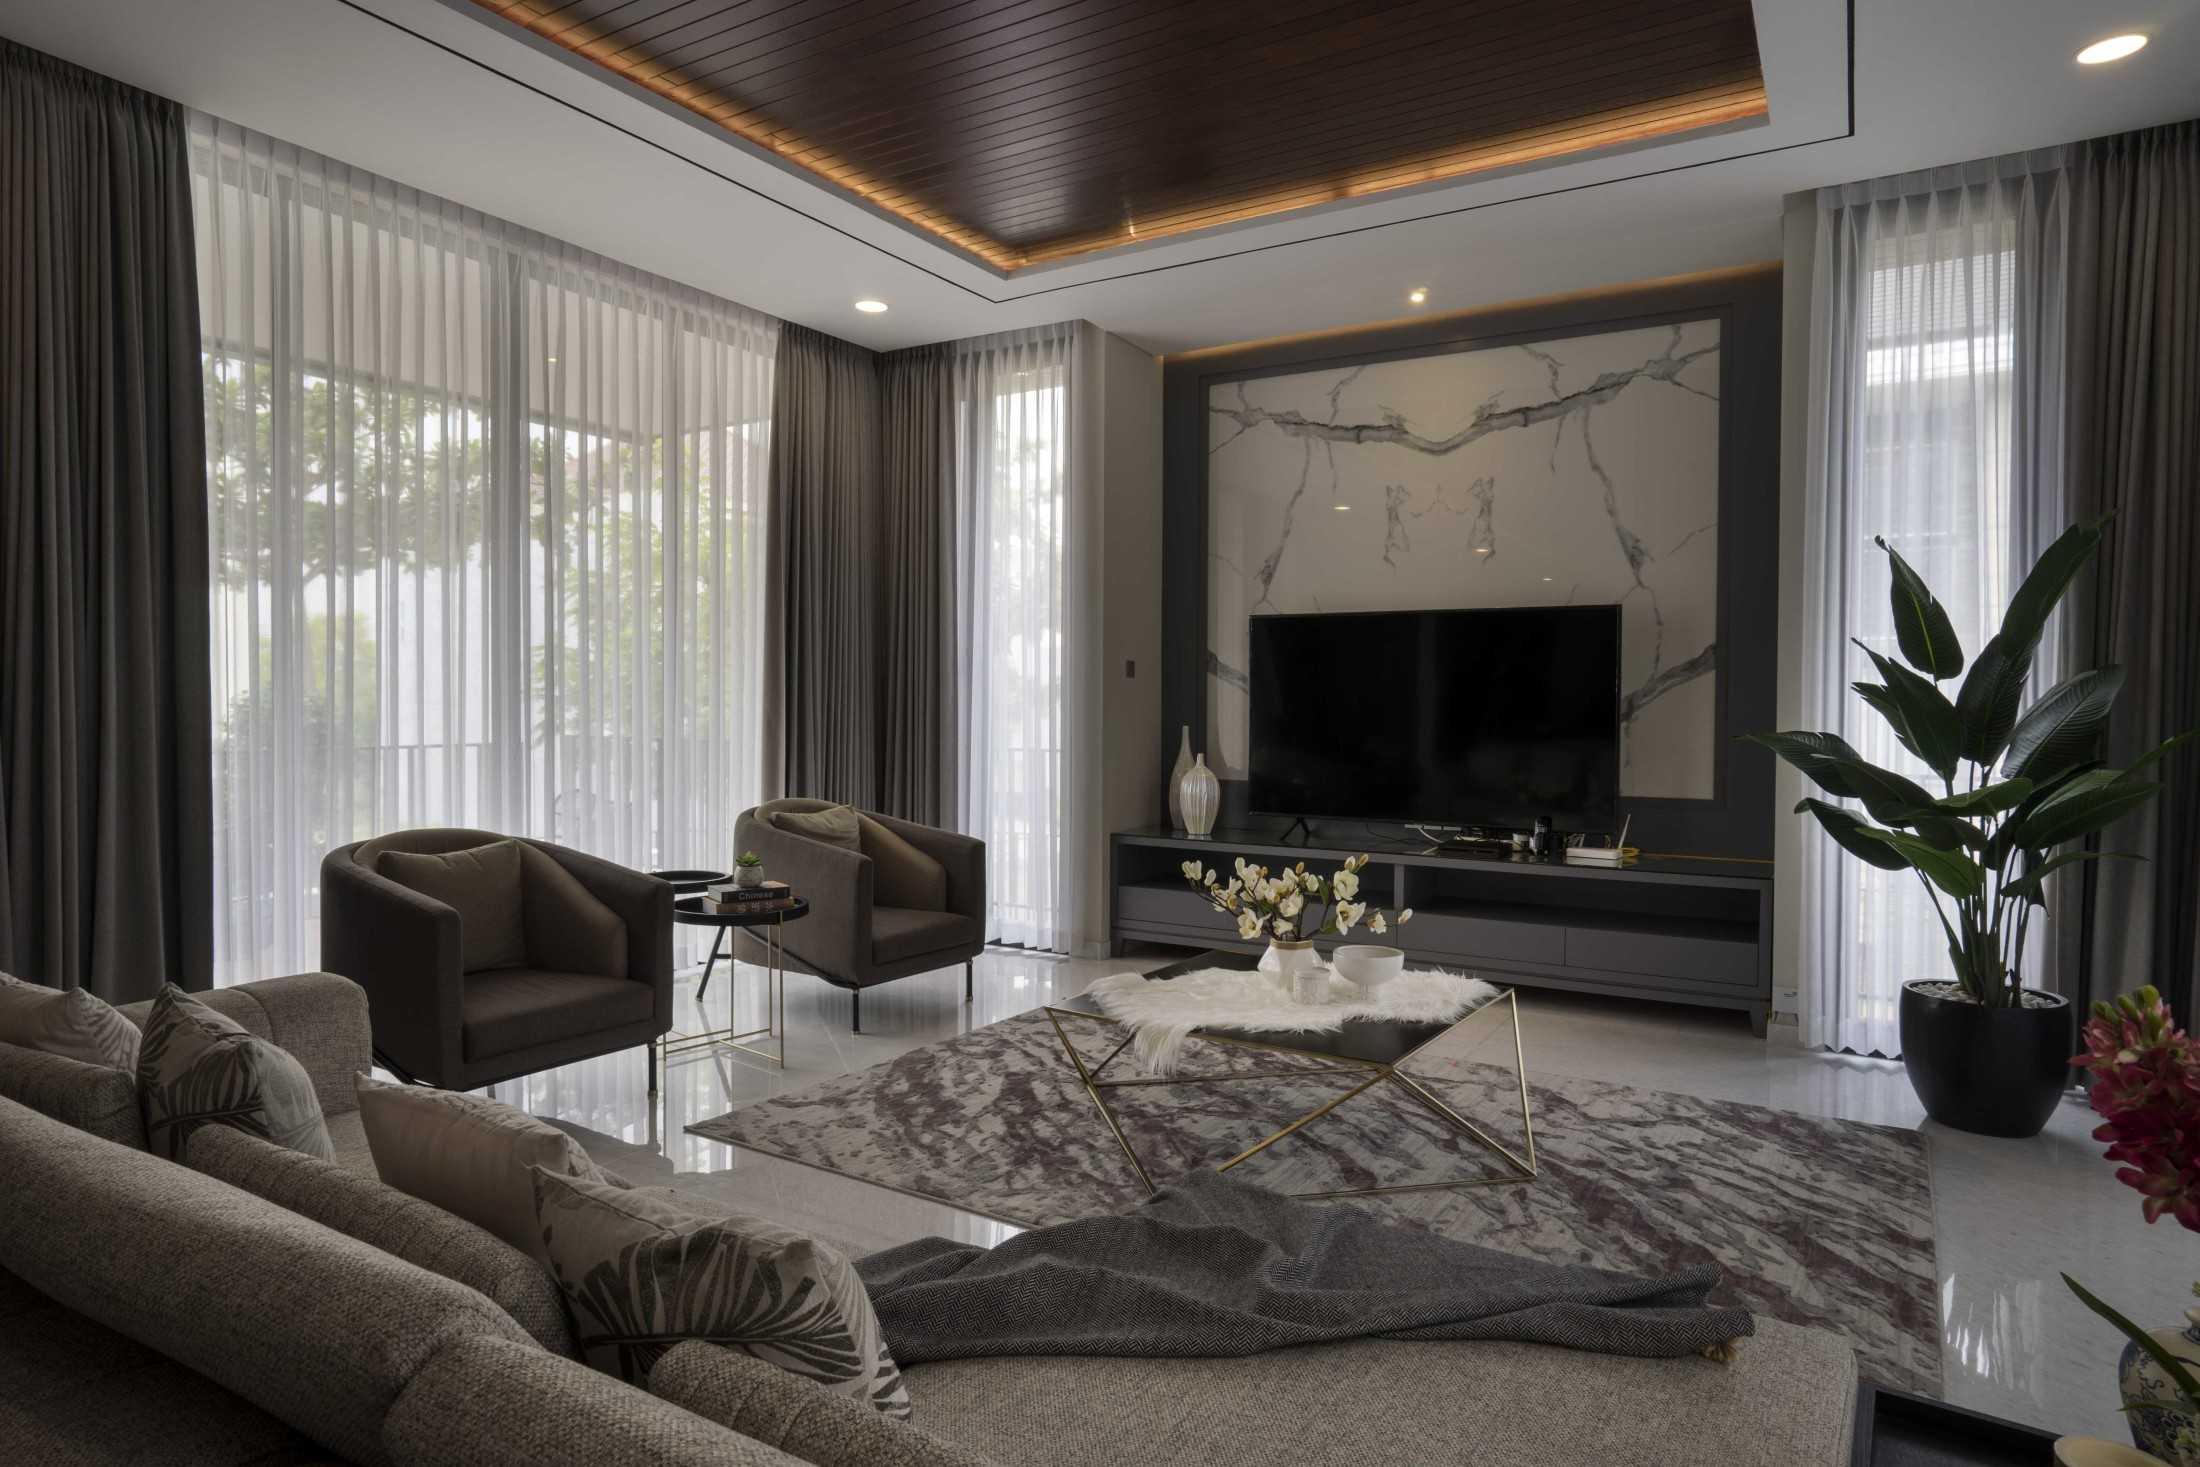 Rendic Ho Hn House Surabaya, Kota Sby, Jawa Timur, Indonesia Surabaya, Kota Sby, Jawa Timur, Indonesia Rendic-Ho-Hn-House  106273